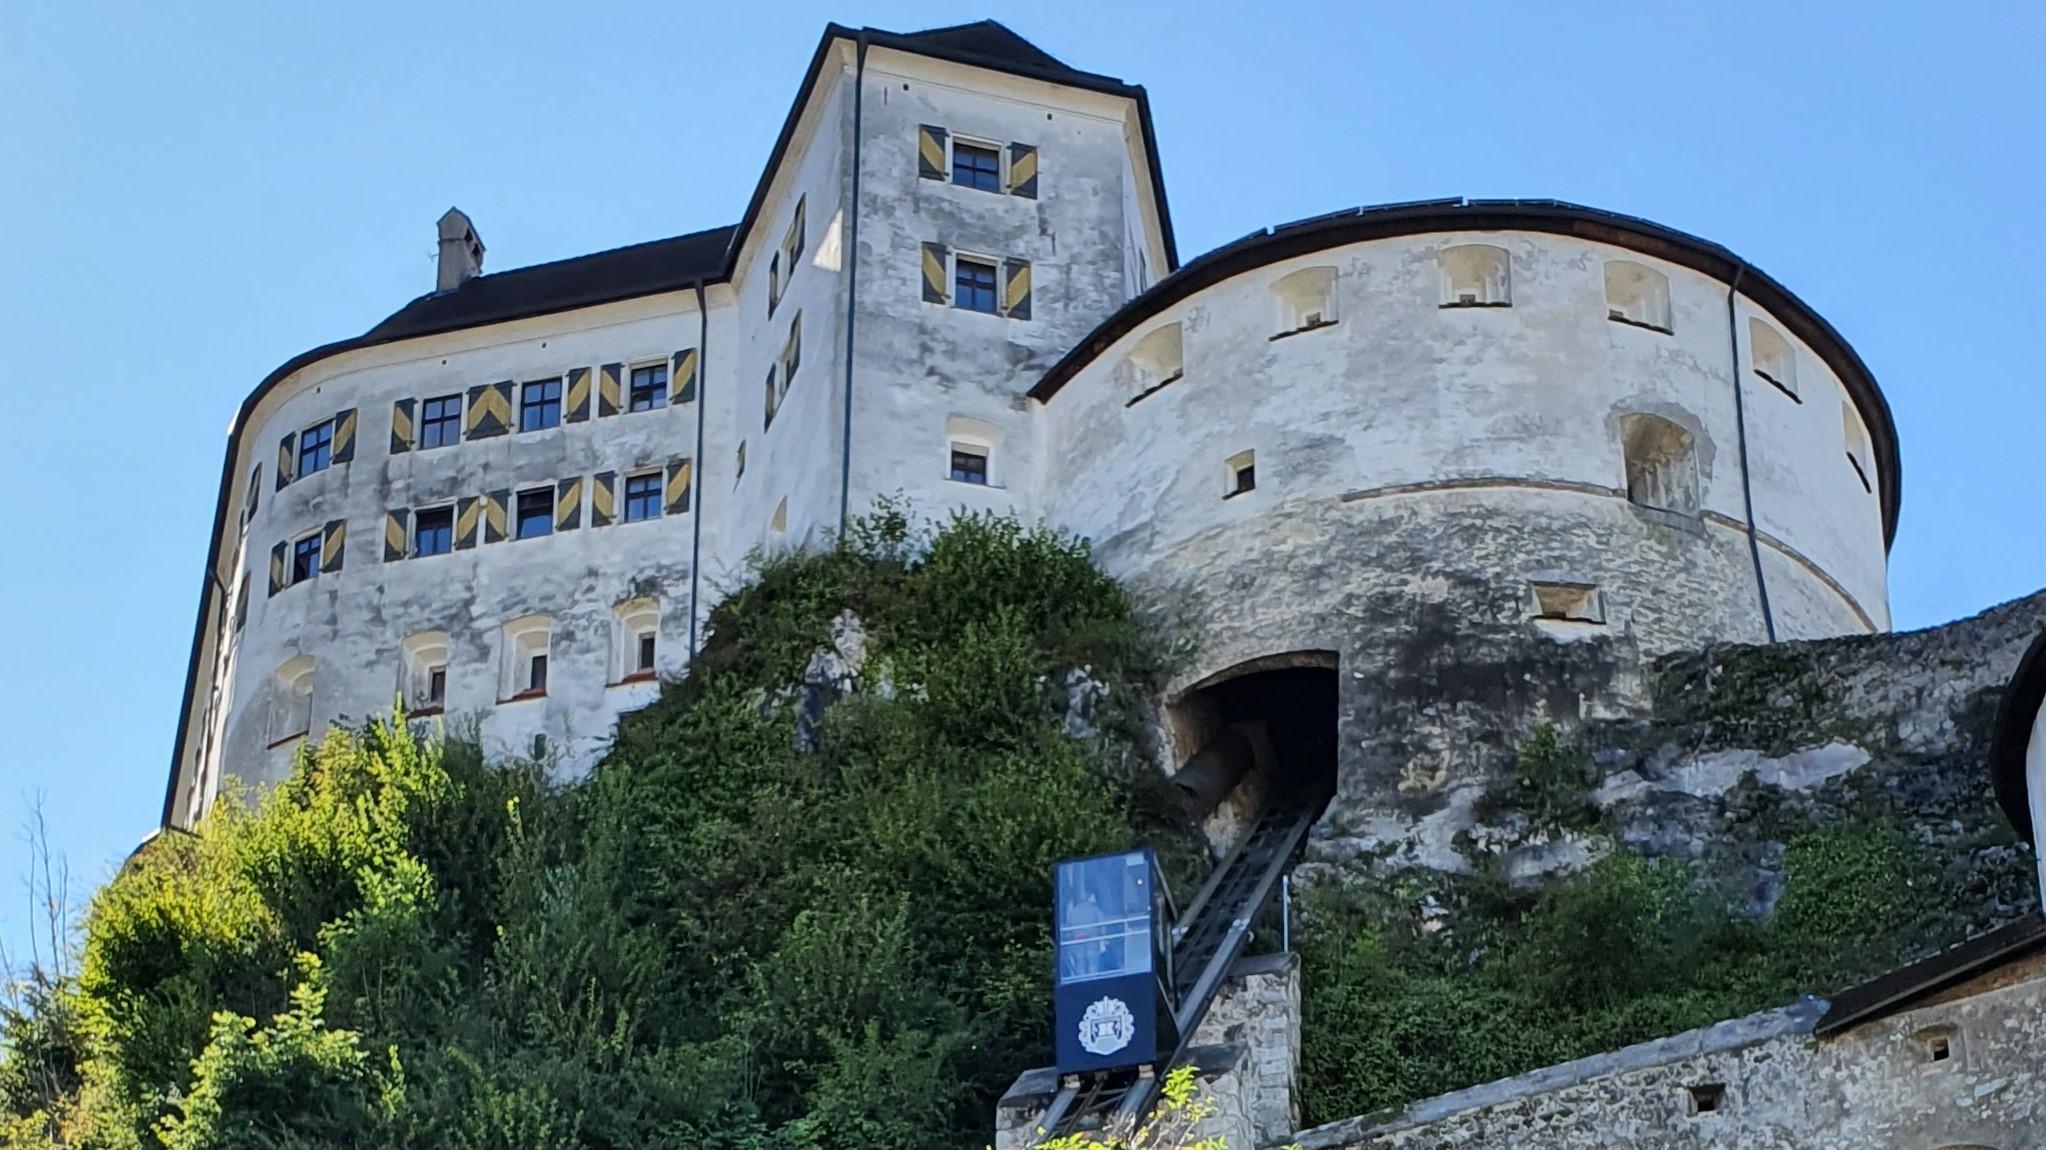 Next Stop: Festung Kufstein